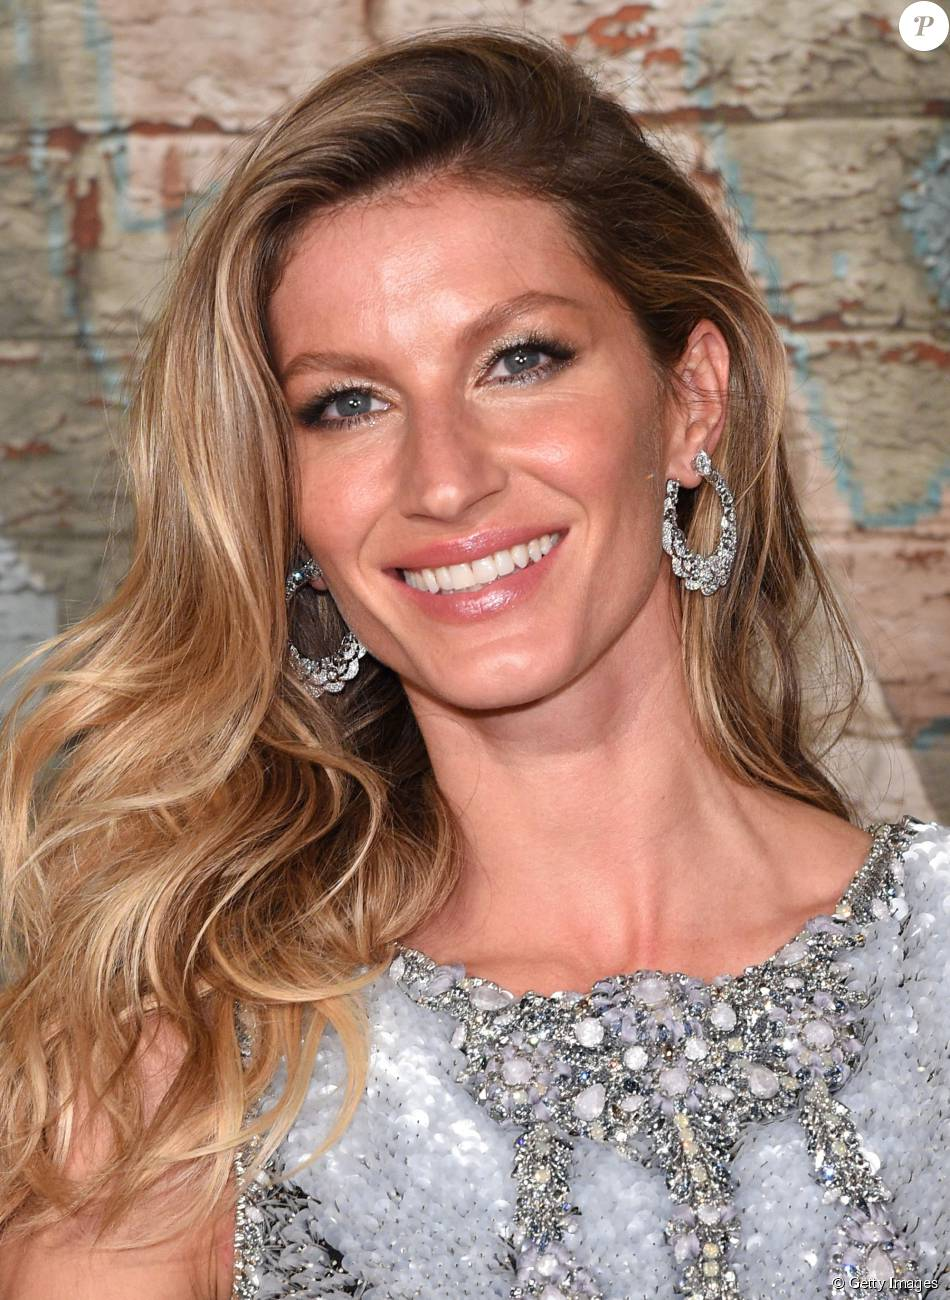 Gisele Bündchen está sendo alvo de rumores sobre possíveis cirurgias plásticas nos seios e nos olhos. O valor estimado das cirurgias é de US$ 11 mil, cerca de R$ 67 mil